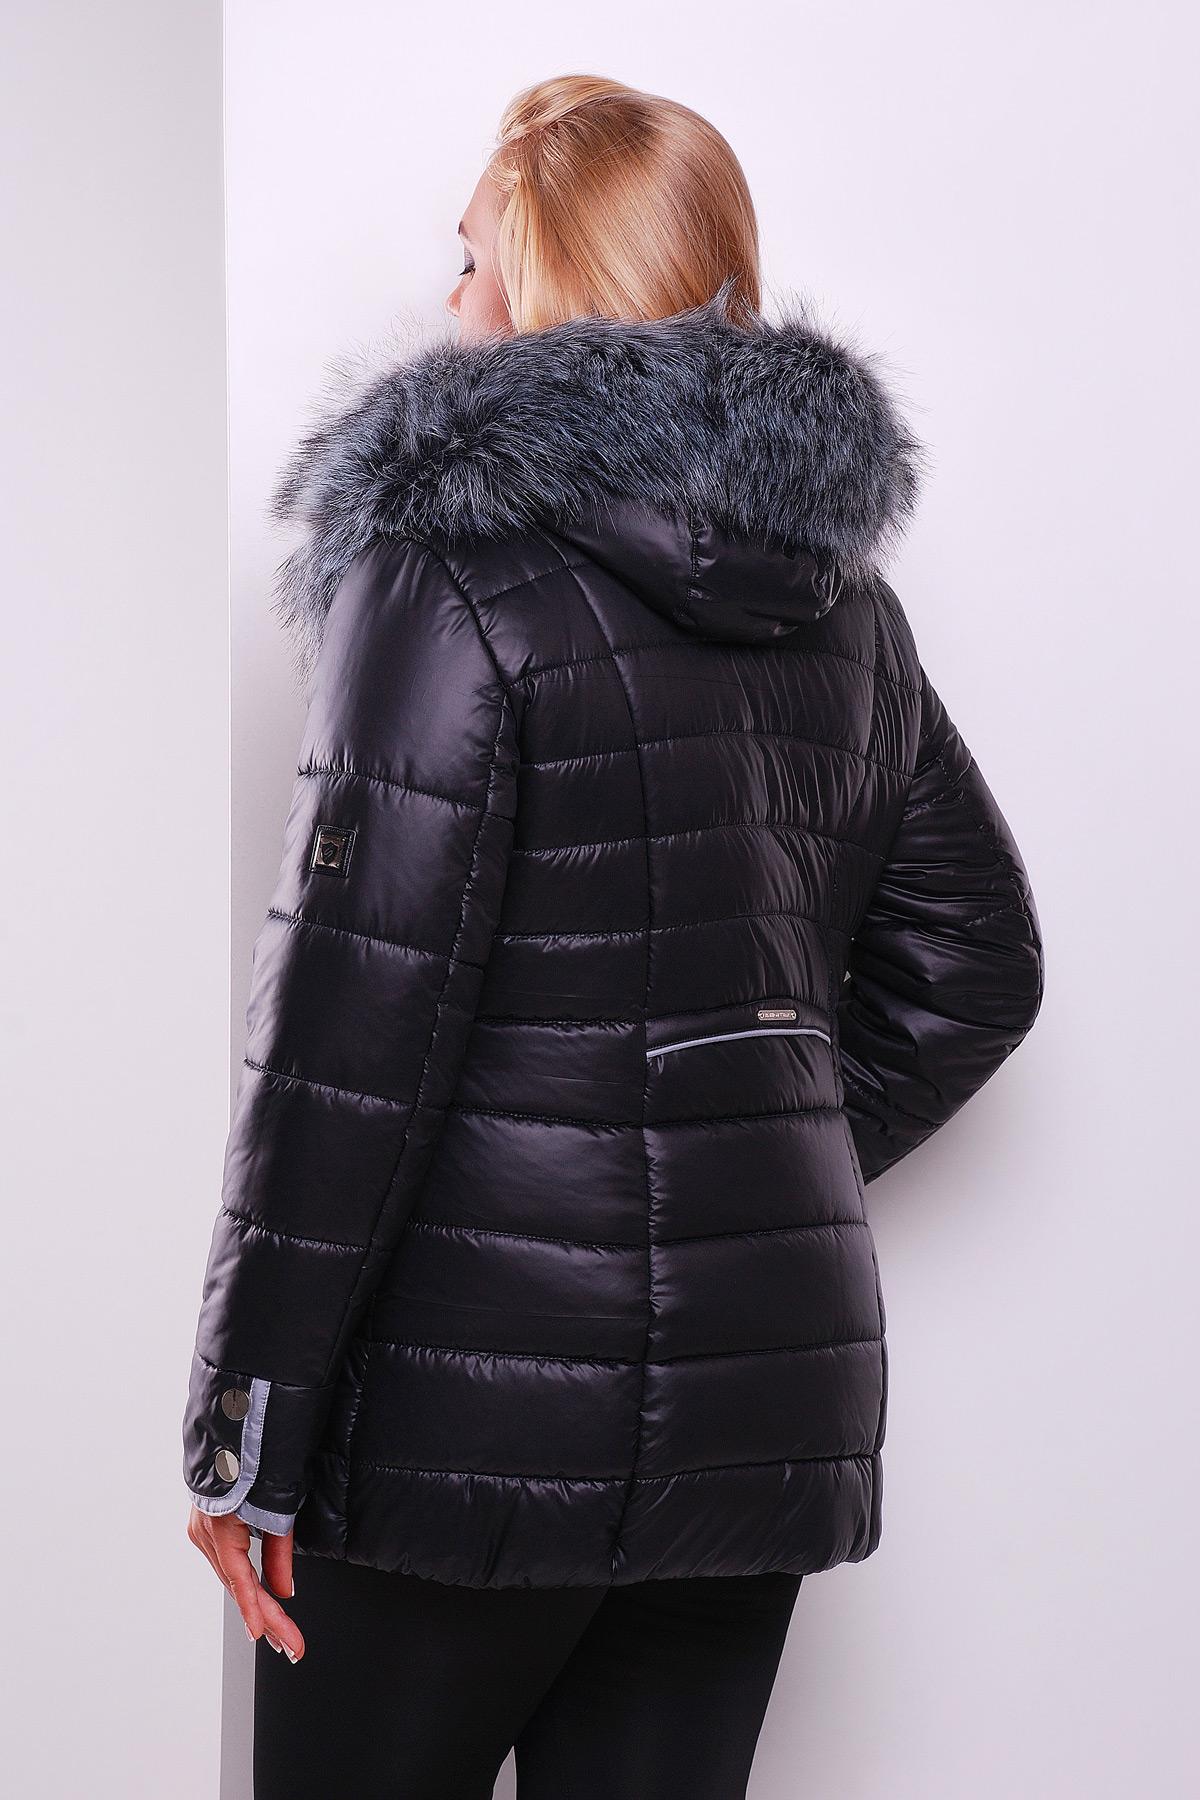 ec7a2cb5157 Черная куртка с капюшоном на меху. куртка Glem-1. Цвет  черный купить